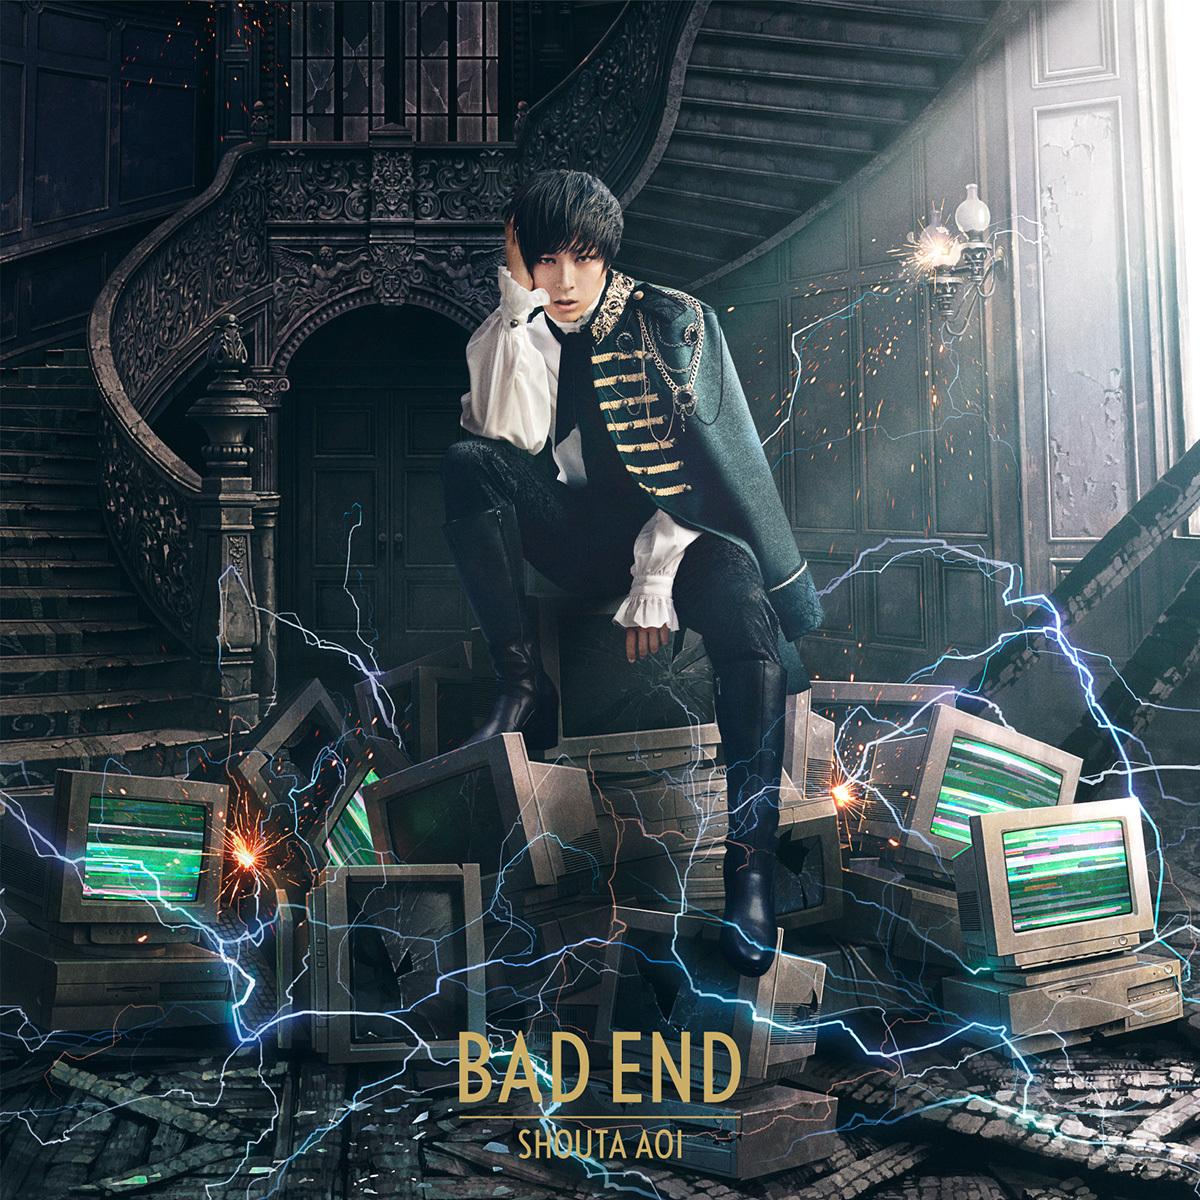 『蒼井翔太BAD END』収録の『BAD END』ジャケット